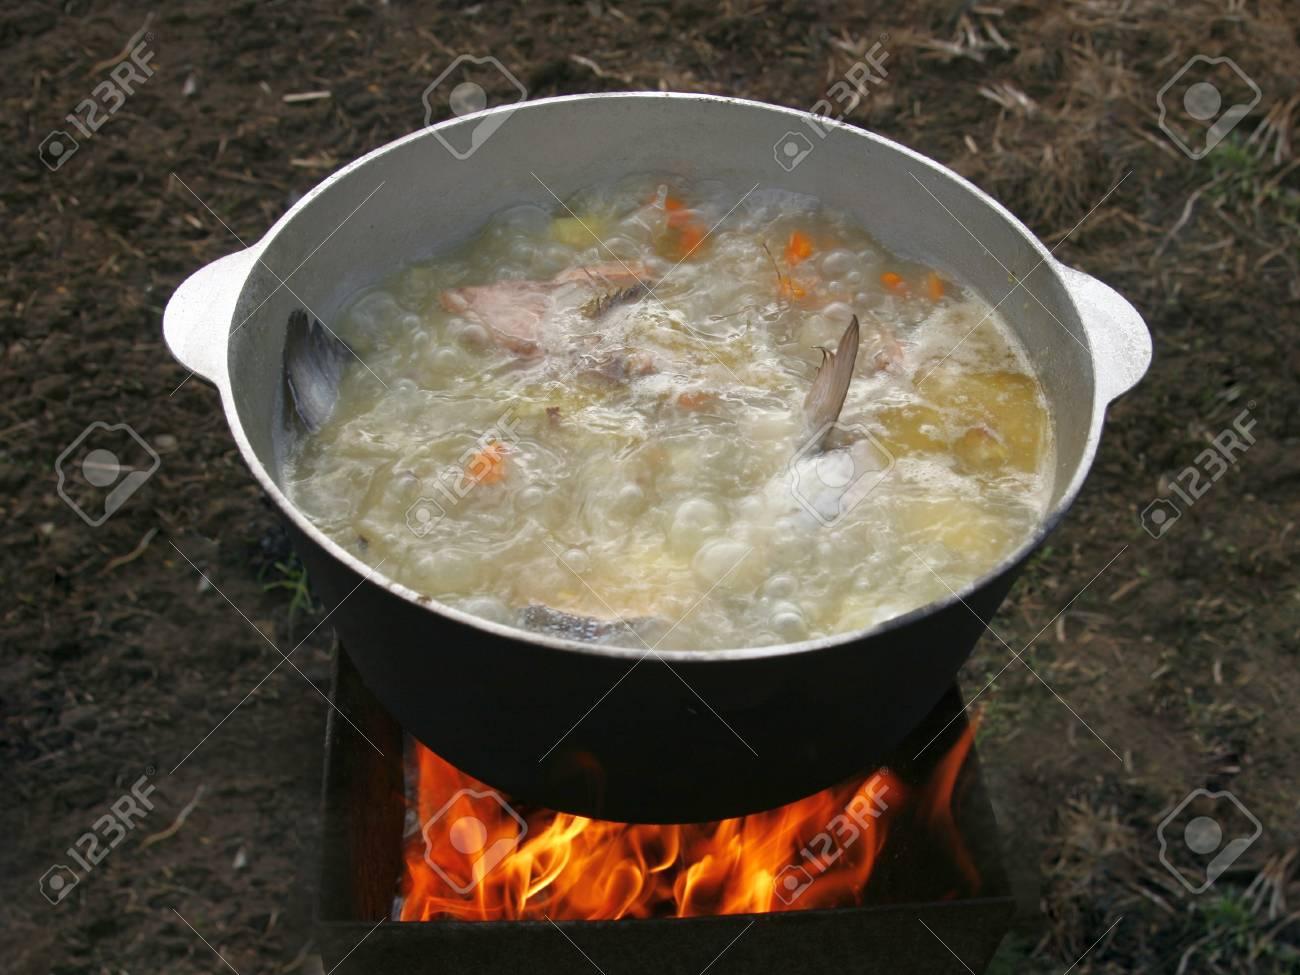 Kochen Fischsuppe In Einem Kessel über Dem Feuer. Lizenzfreie Fotos ...